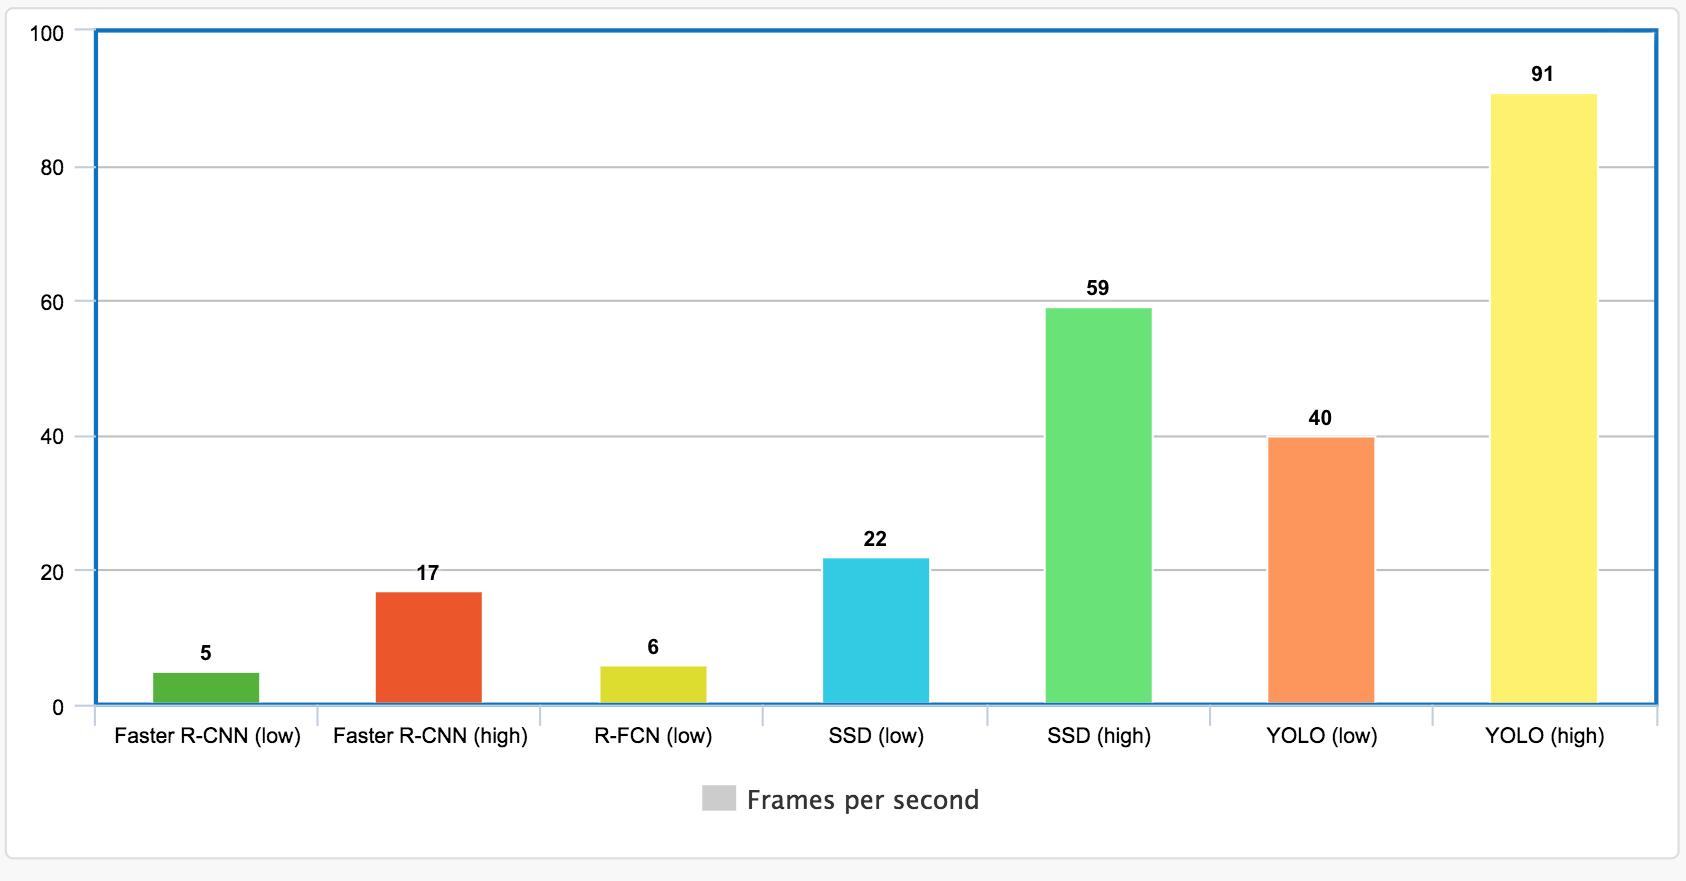 最全最先进的检测算法对比Faster R-CNN, R-FCN, SSD, FPN, Reti    - 简书